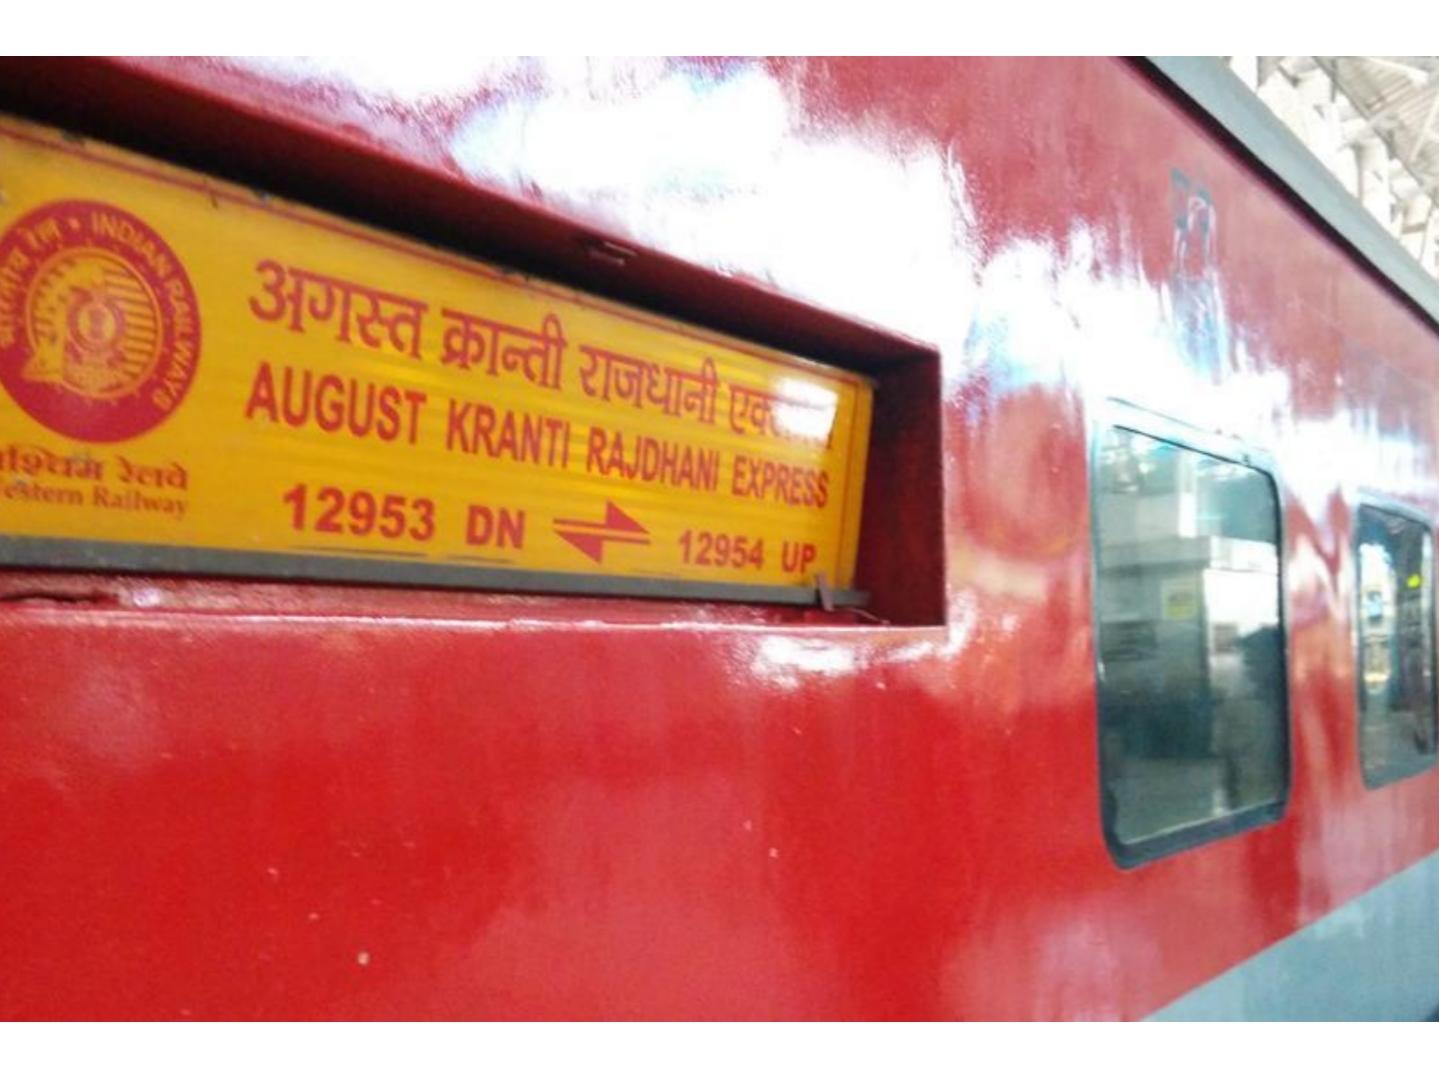 મુંબઈથી હ.નિઝામુદ્દીન જતી અગસ્ત ક્રાંતિ ટ્રેનની અડફેટે પાંચ ગાયો આવી જતા પેસેન્જરોના શ્વાસ અદ્ધર થયા,20 મિનિટ બાદ ટ્રેન રવાના કરાઈ|નવસારી,Navsari - Divya Bhaskar